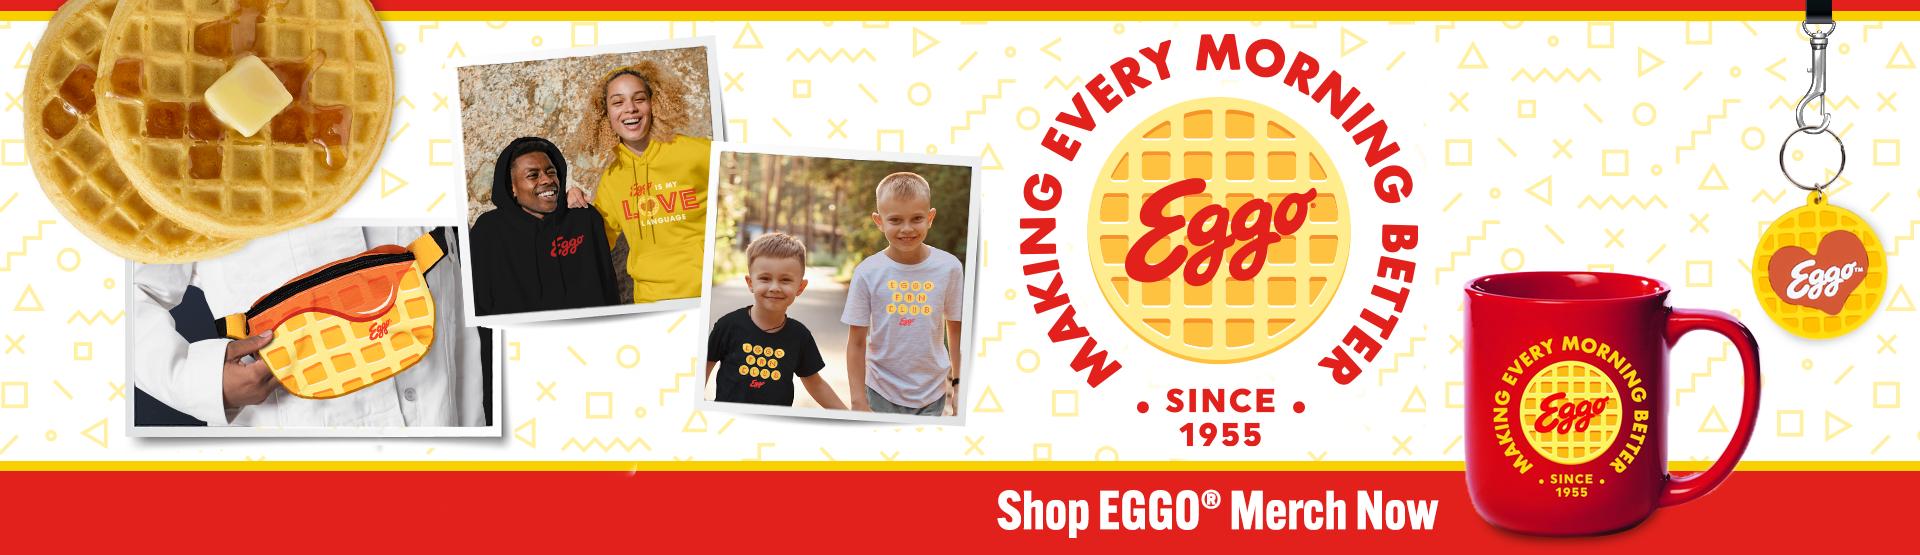 Shop Eggo<sup>®</sup> Merch Now